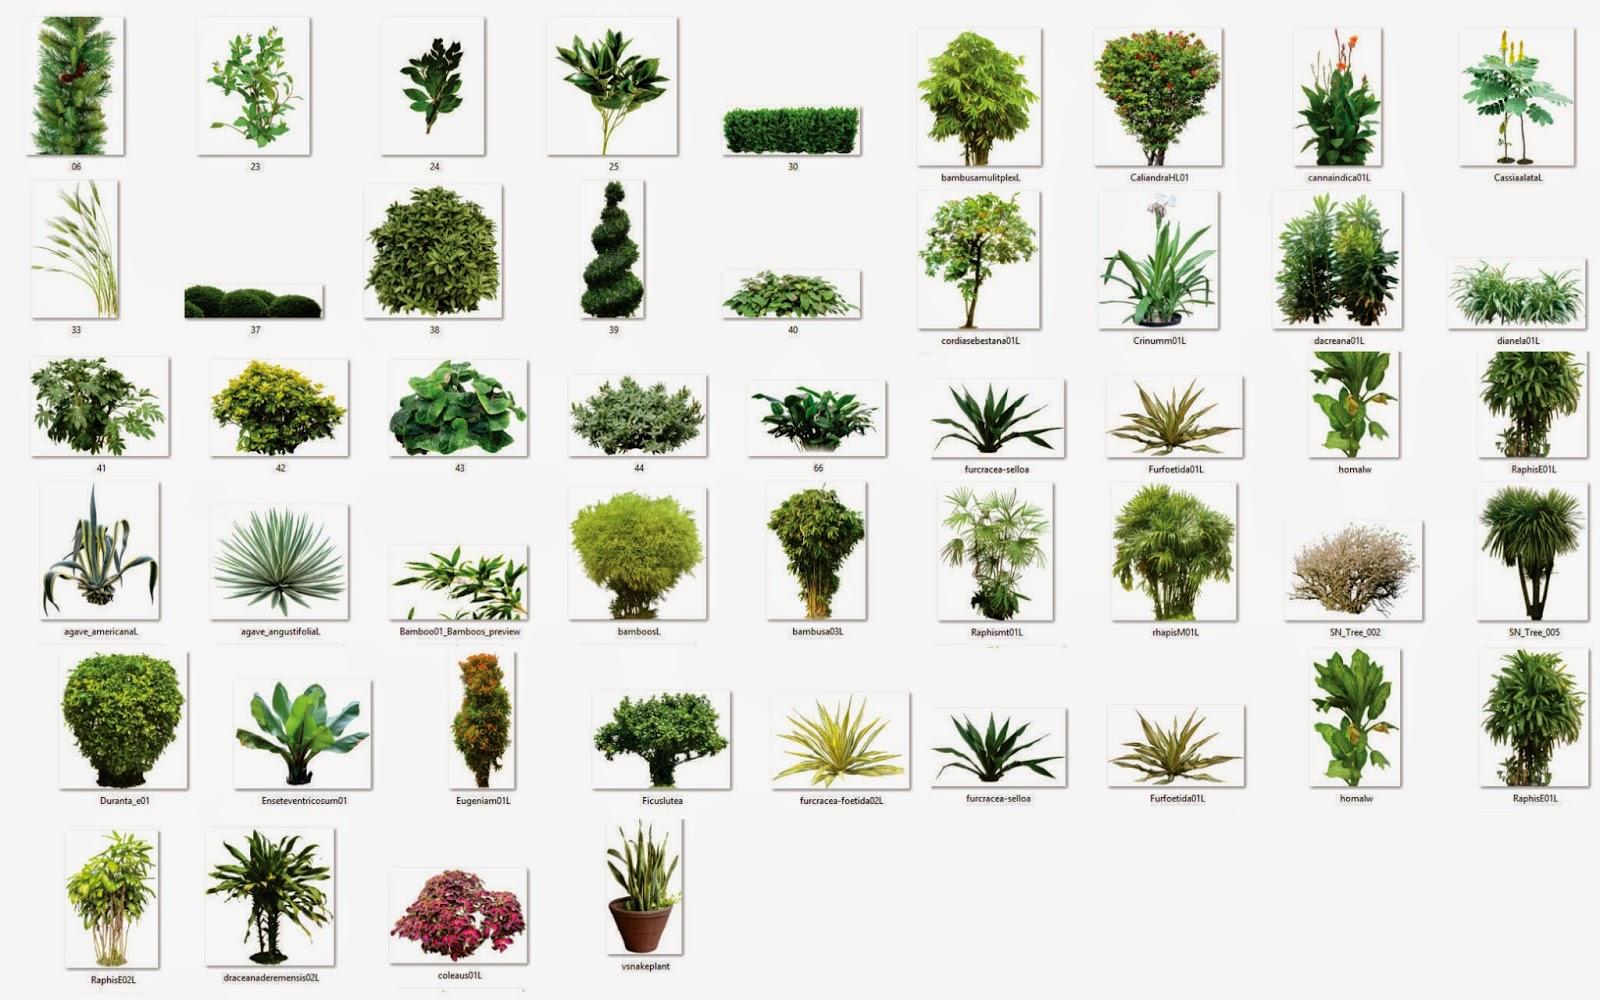 Rboles con fondo transparente png arq recursos - Nombres de arbustos ...